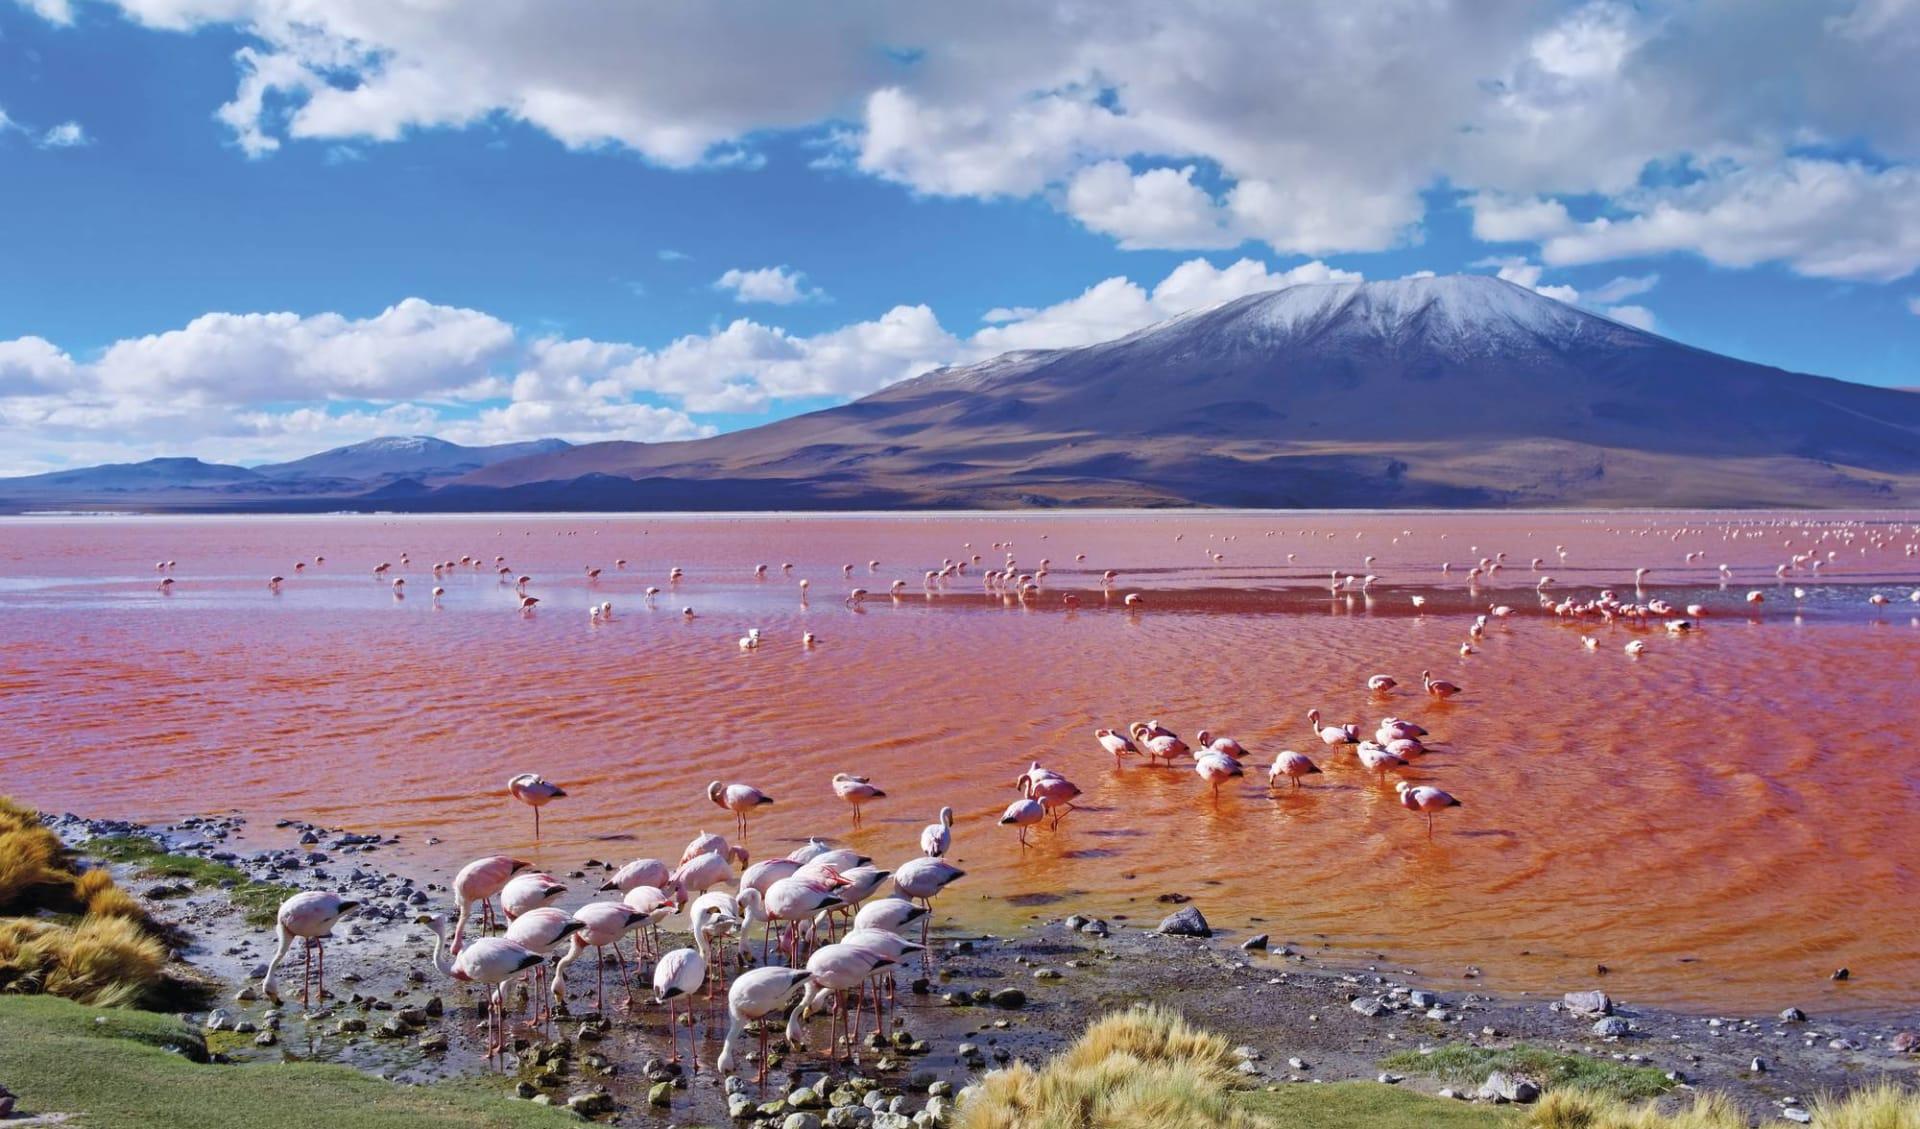 Gruppenreise Imperio Inca ab Lima: Bolivien - Uyuni - Flamingos im Laguna Colorada